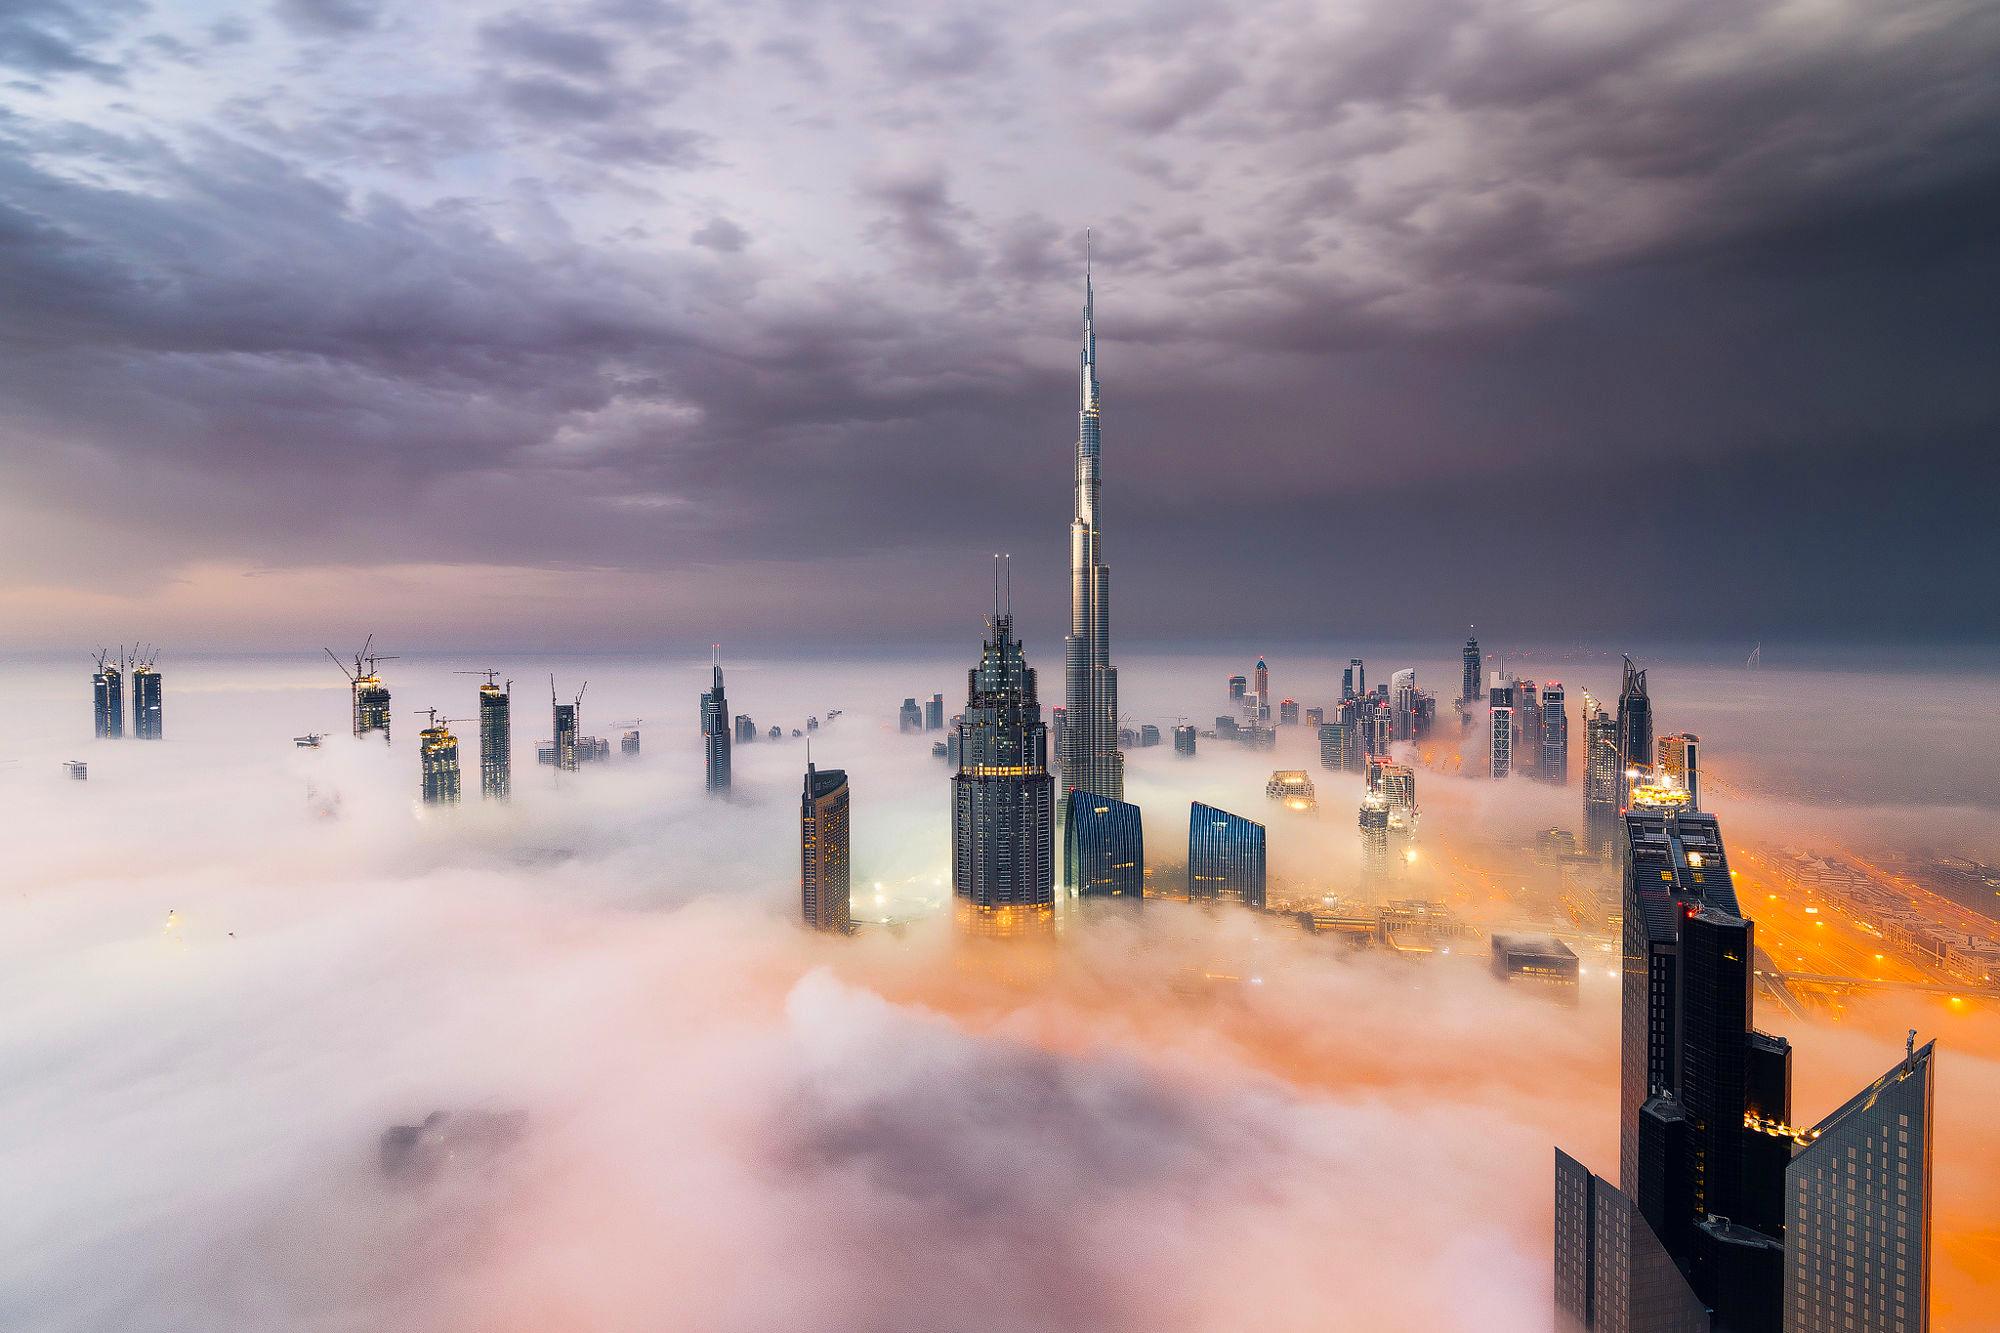 страны архитектура небоскреб рассвет Дубаи объединенные арабские эмираты  № 2209933 бесплатно